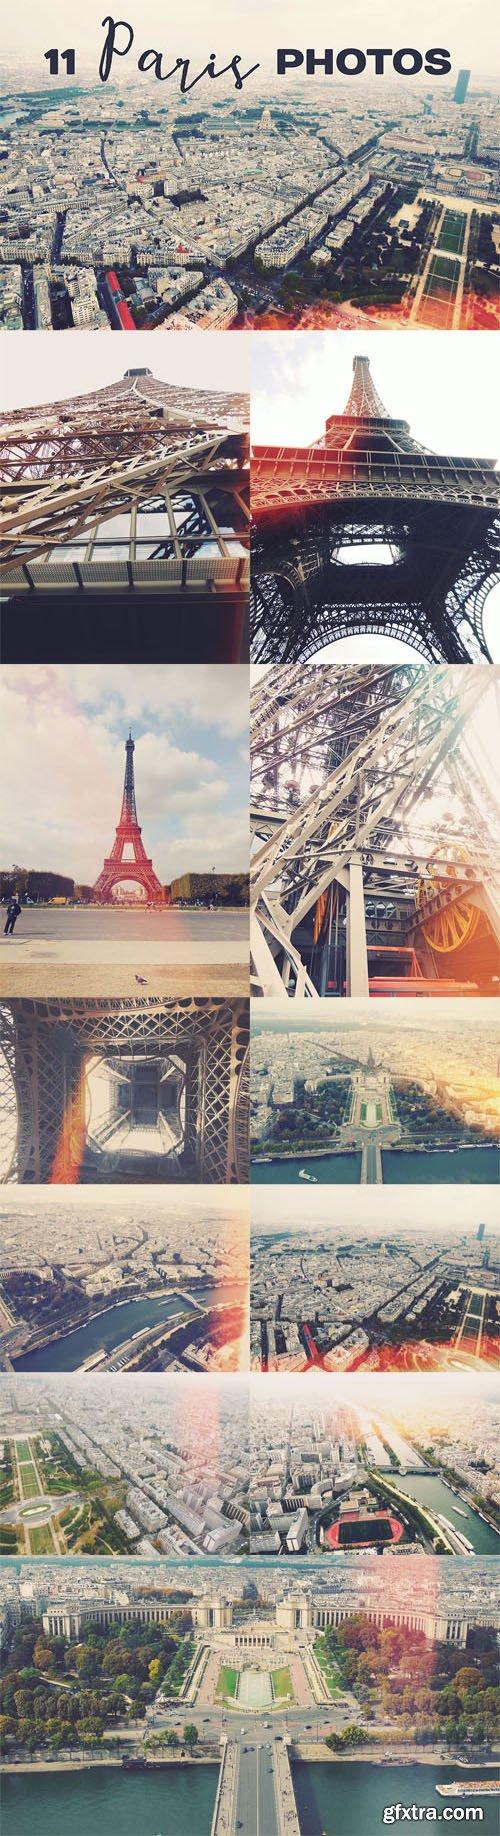 11 Quality Paris Photos